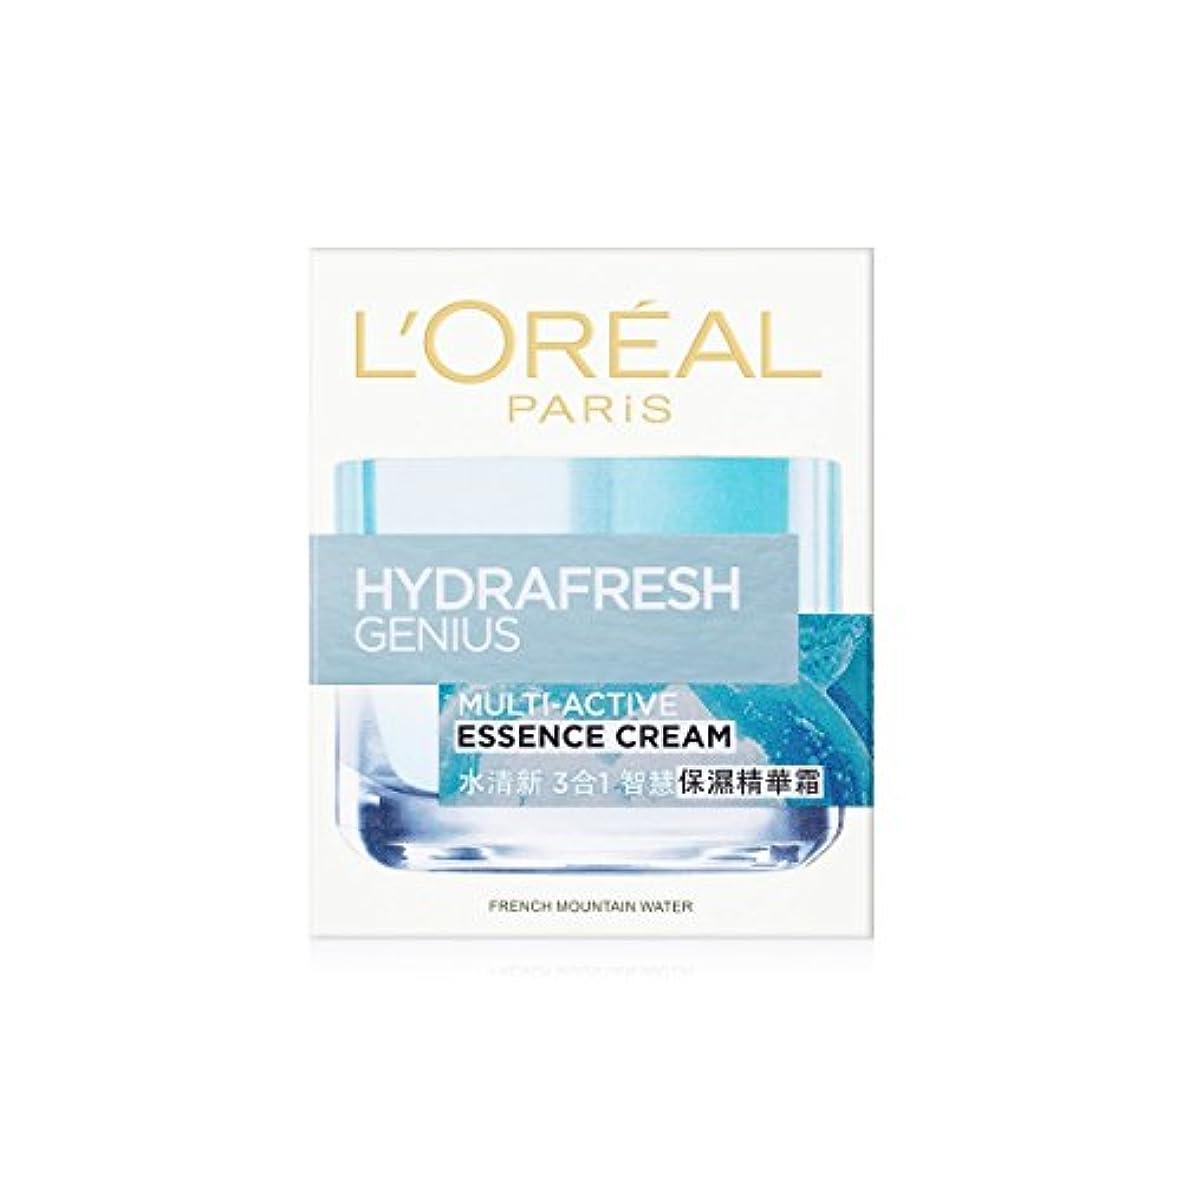 ワーディアンケース統合するビリーヤギロレアル Hydrafresh Genius Multi-Active Essence Cream 50ml/1.7oz並行輸入品